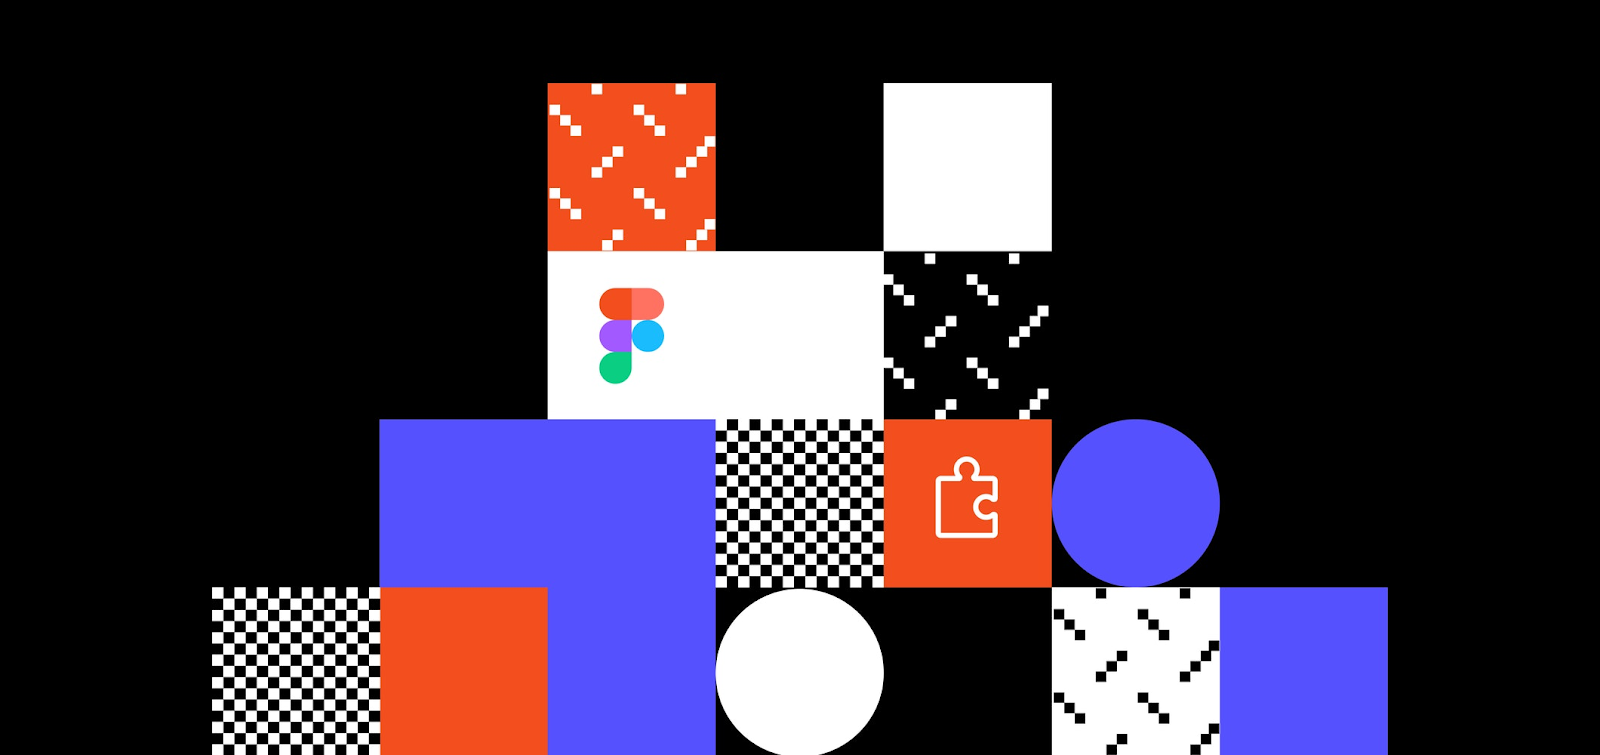 Дайджест продуктового дизайна, июль 2019 - 16